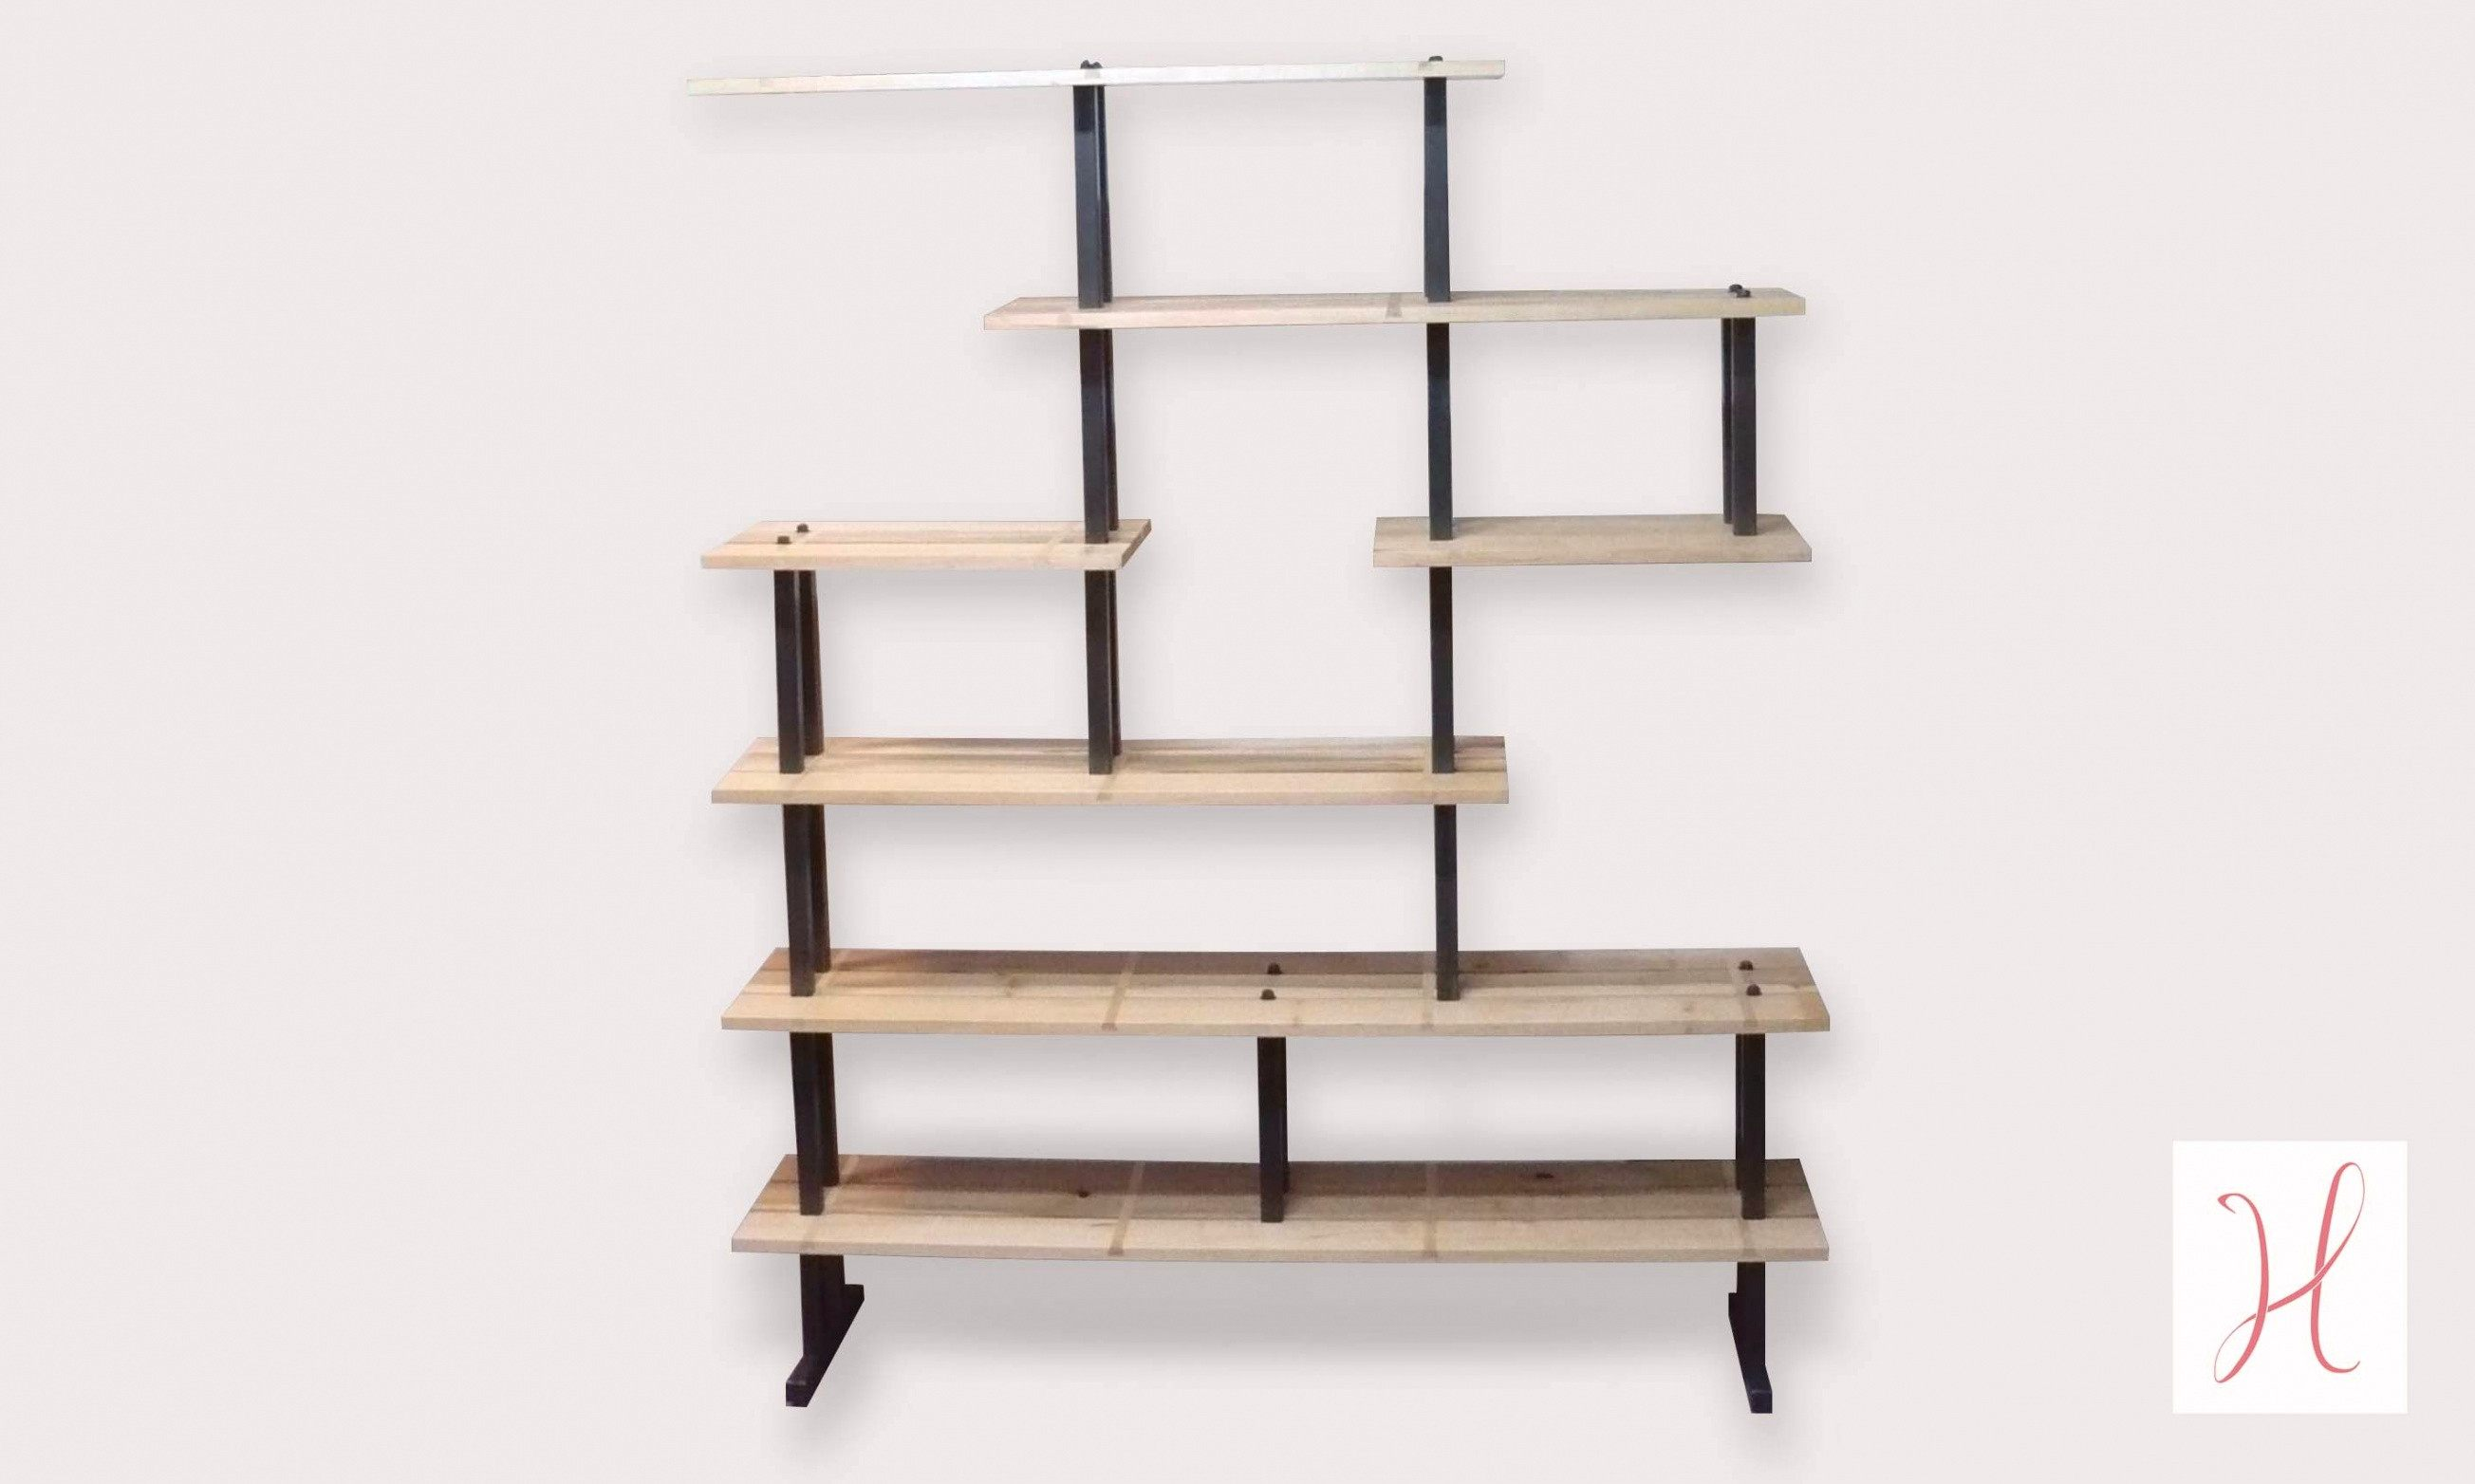 Lit Mezzanine Escalier De Luxe Meuble Cube Escalier Escalier Cube Pour Mezzanine 23 Best Lit